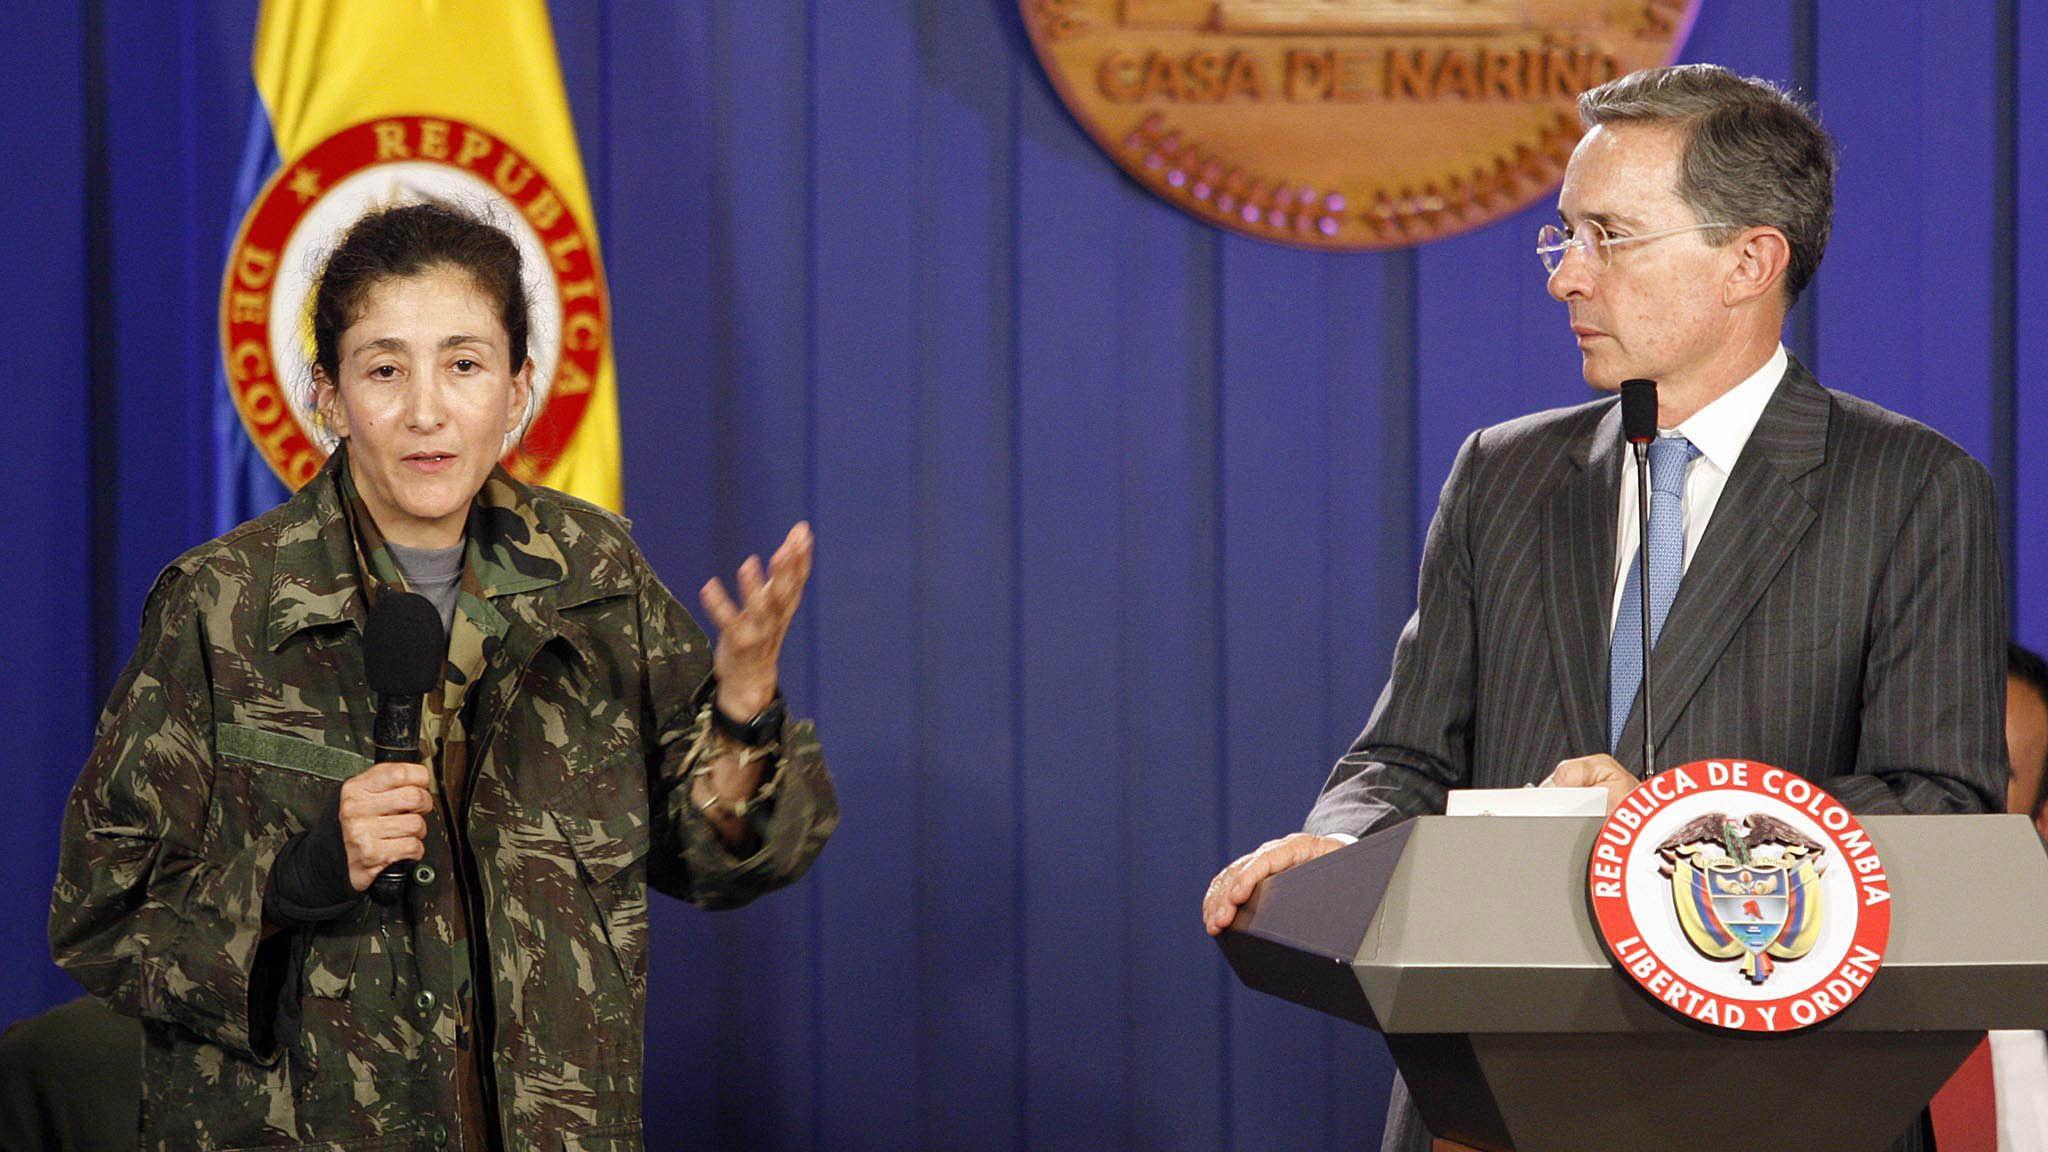 Bogotá, 02 jul 2008.- Intervención de Ingrid Betancourt en el Club Militar la noche de este miércoles (Colprensa-Marina Maldonad